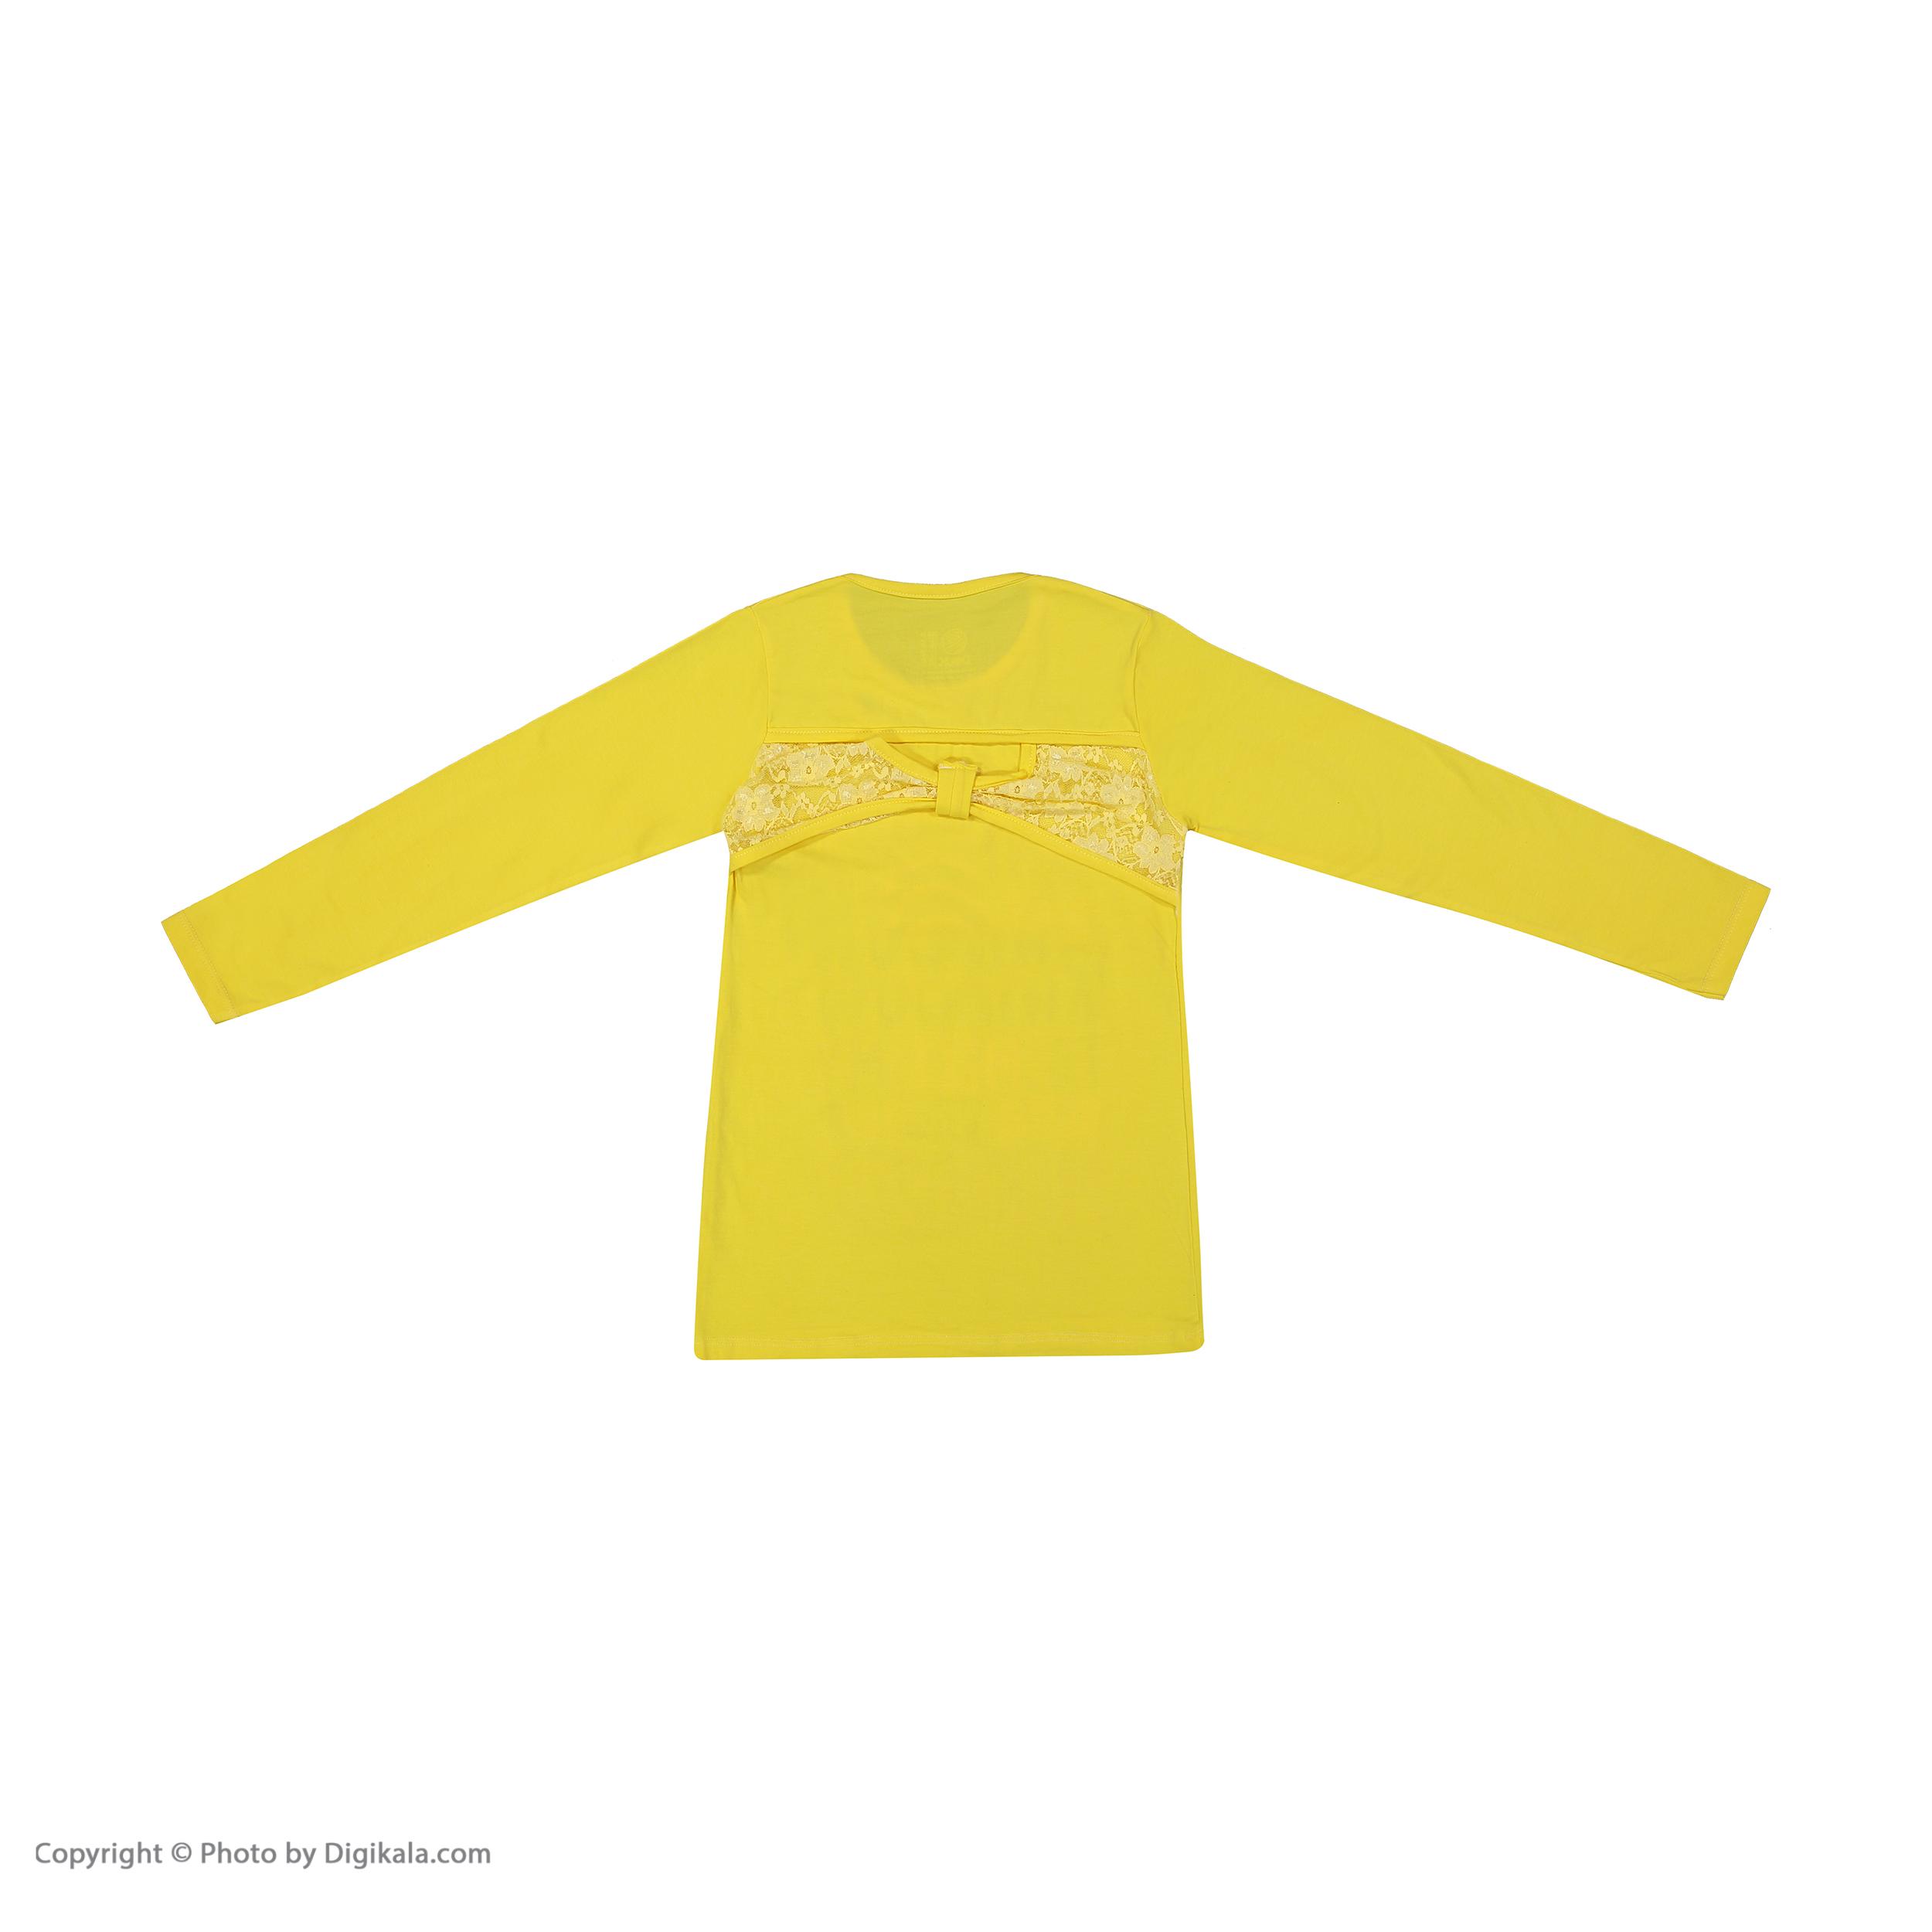 تی شرت دخترانه سون پون مدل 1391353-19 -  - 4